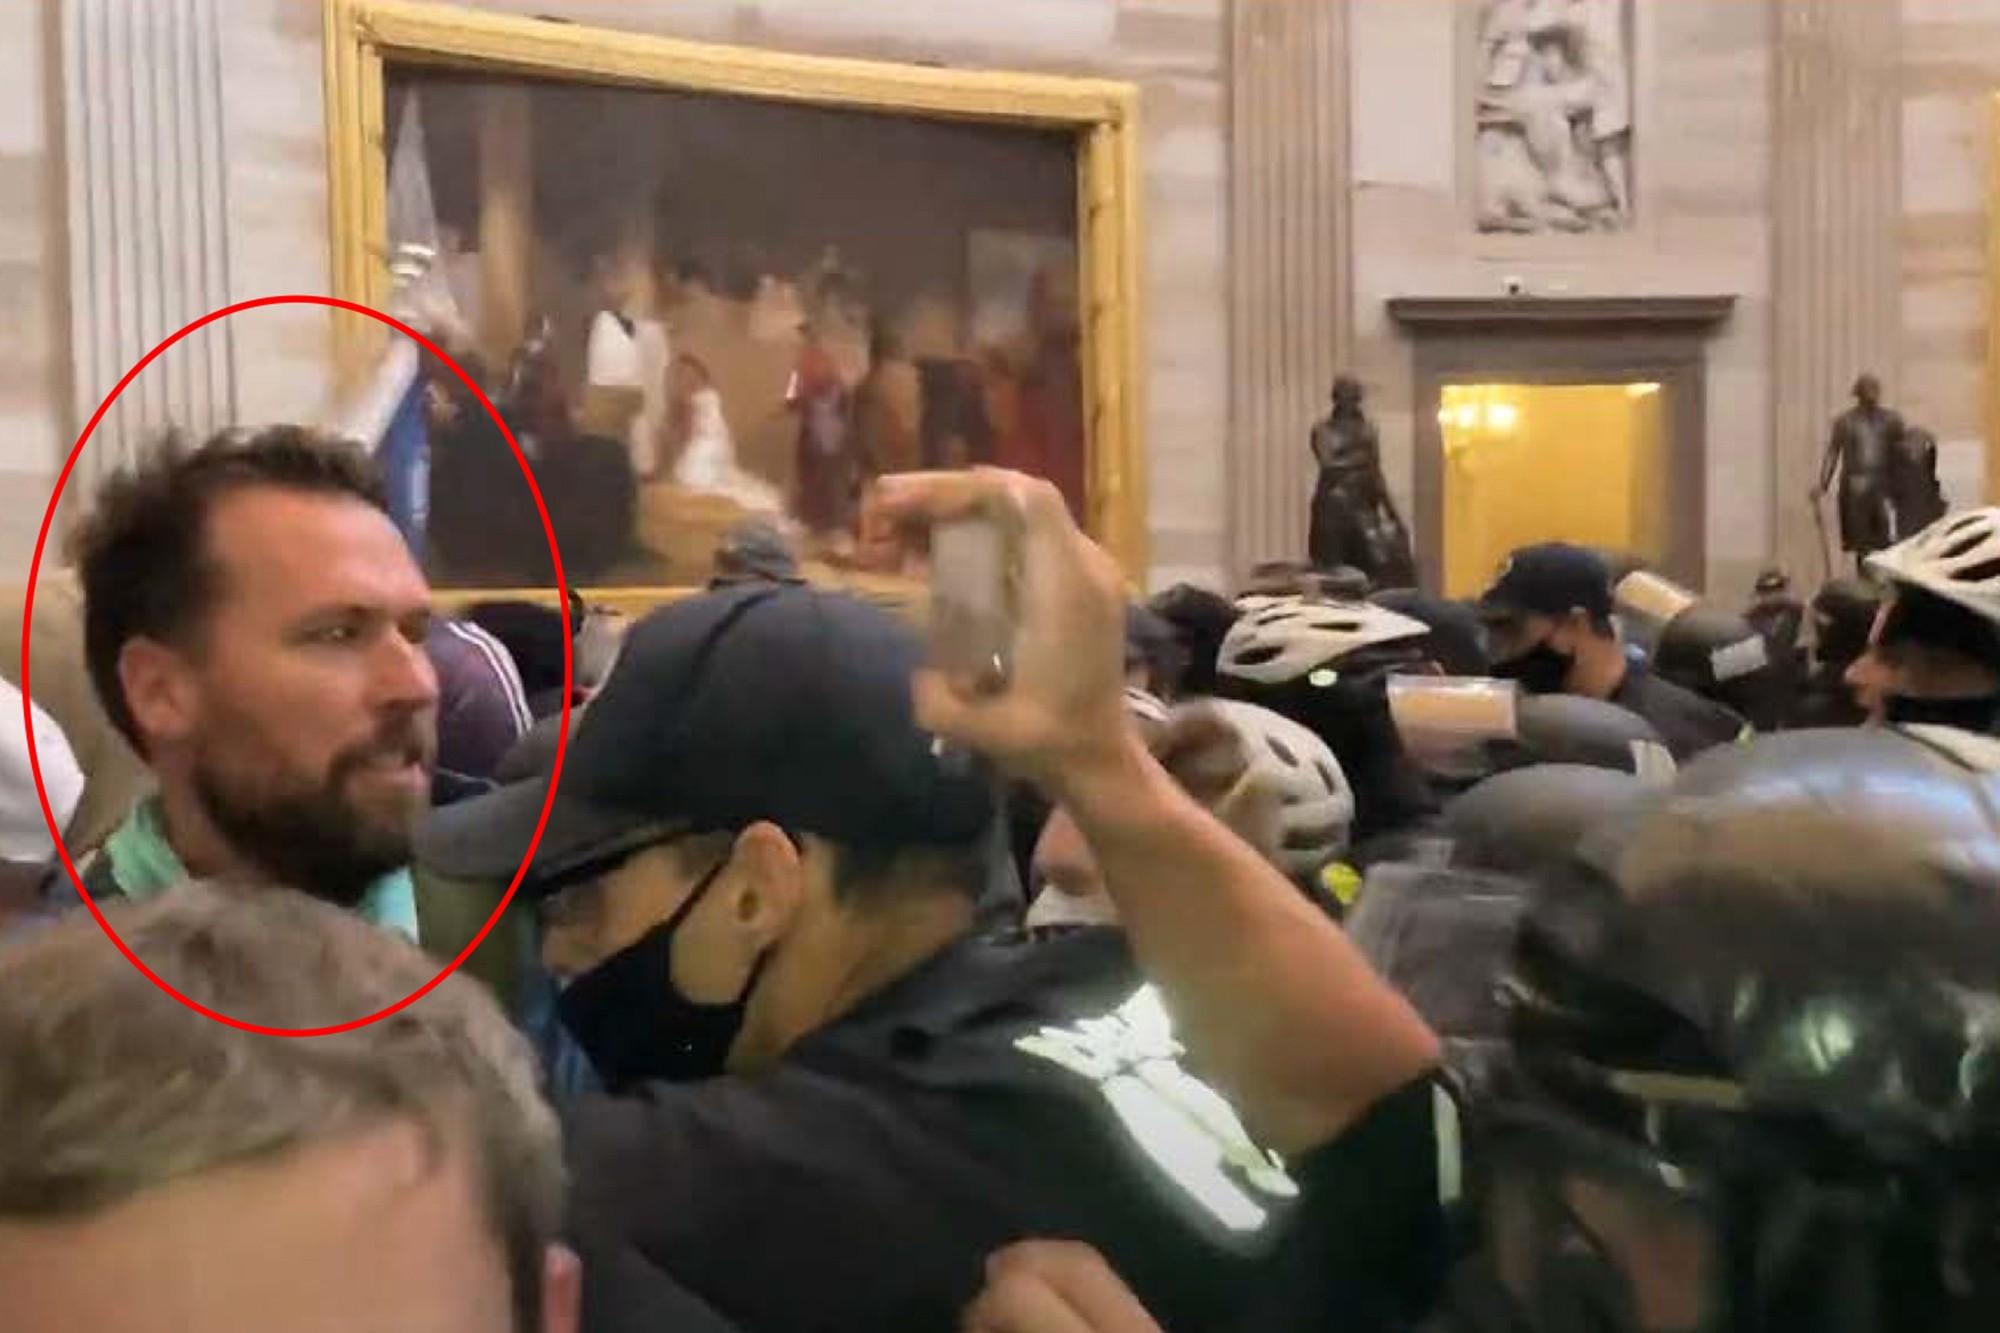 Nhà vô địch Olympic Klete Keller tham gia bạo loạn Đồi Capitol hôm 6/1. Ảnh: Townhall.com.